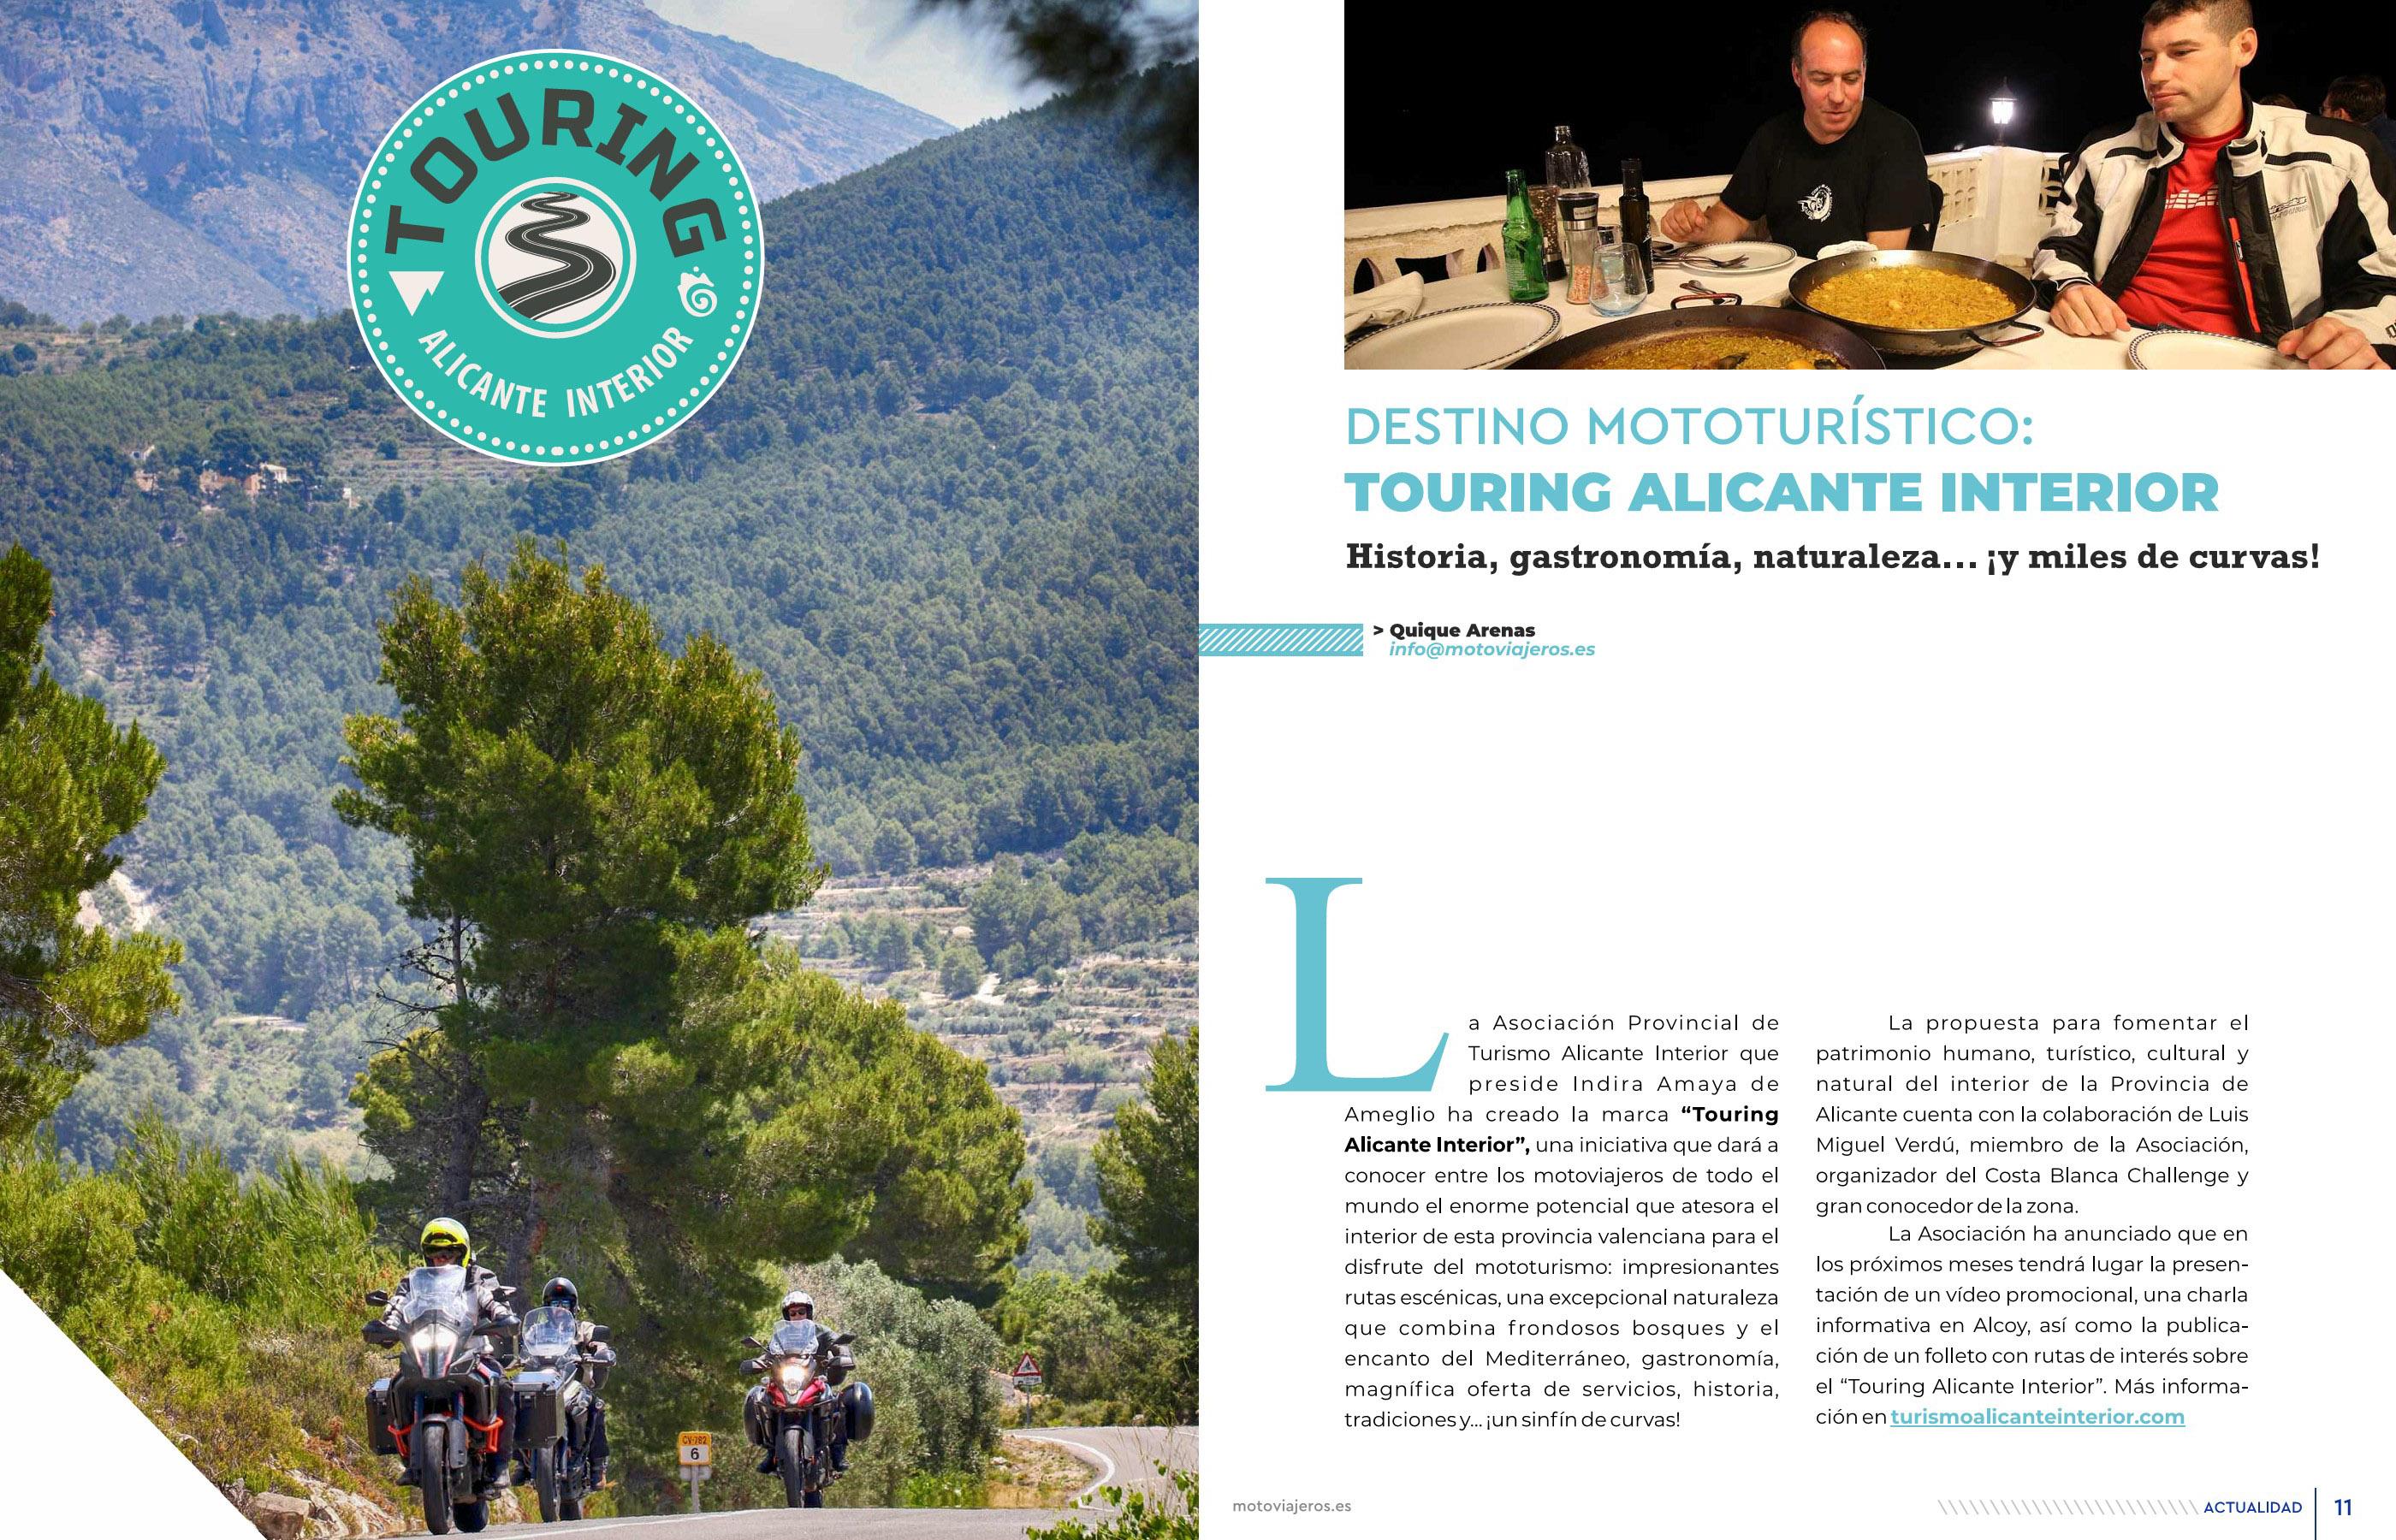 Reportaje publicado en Mototurismo